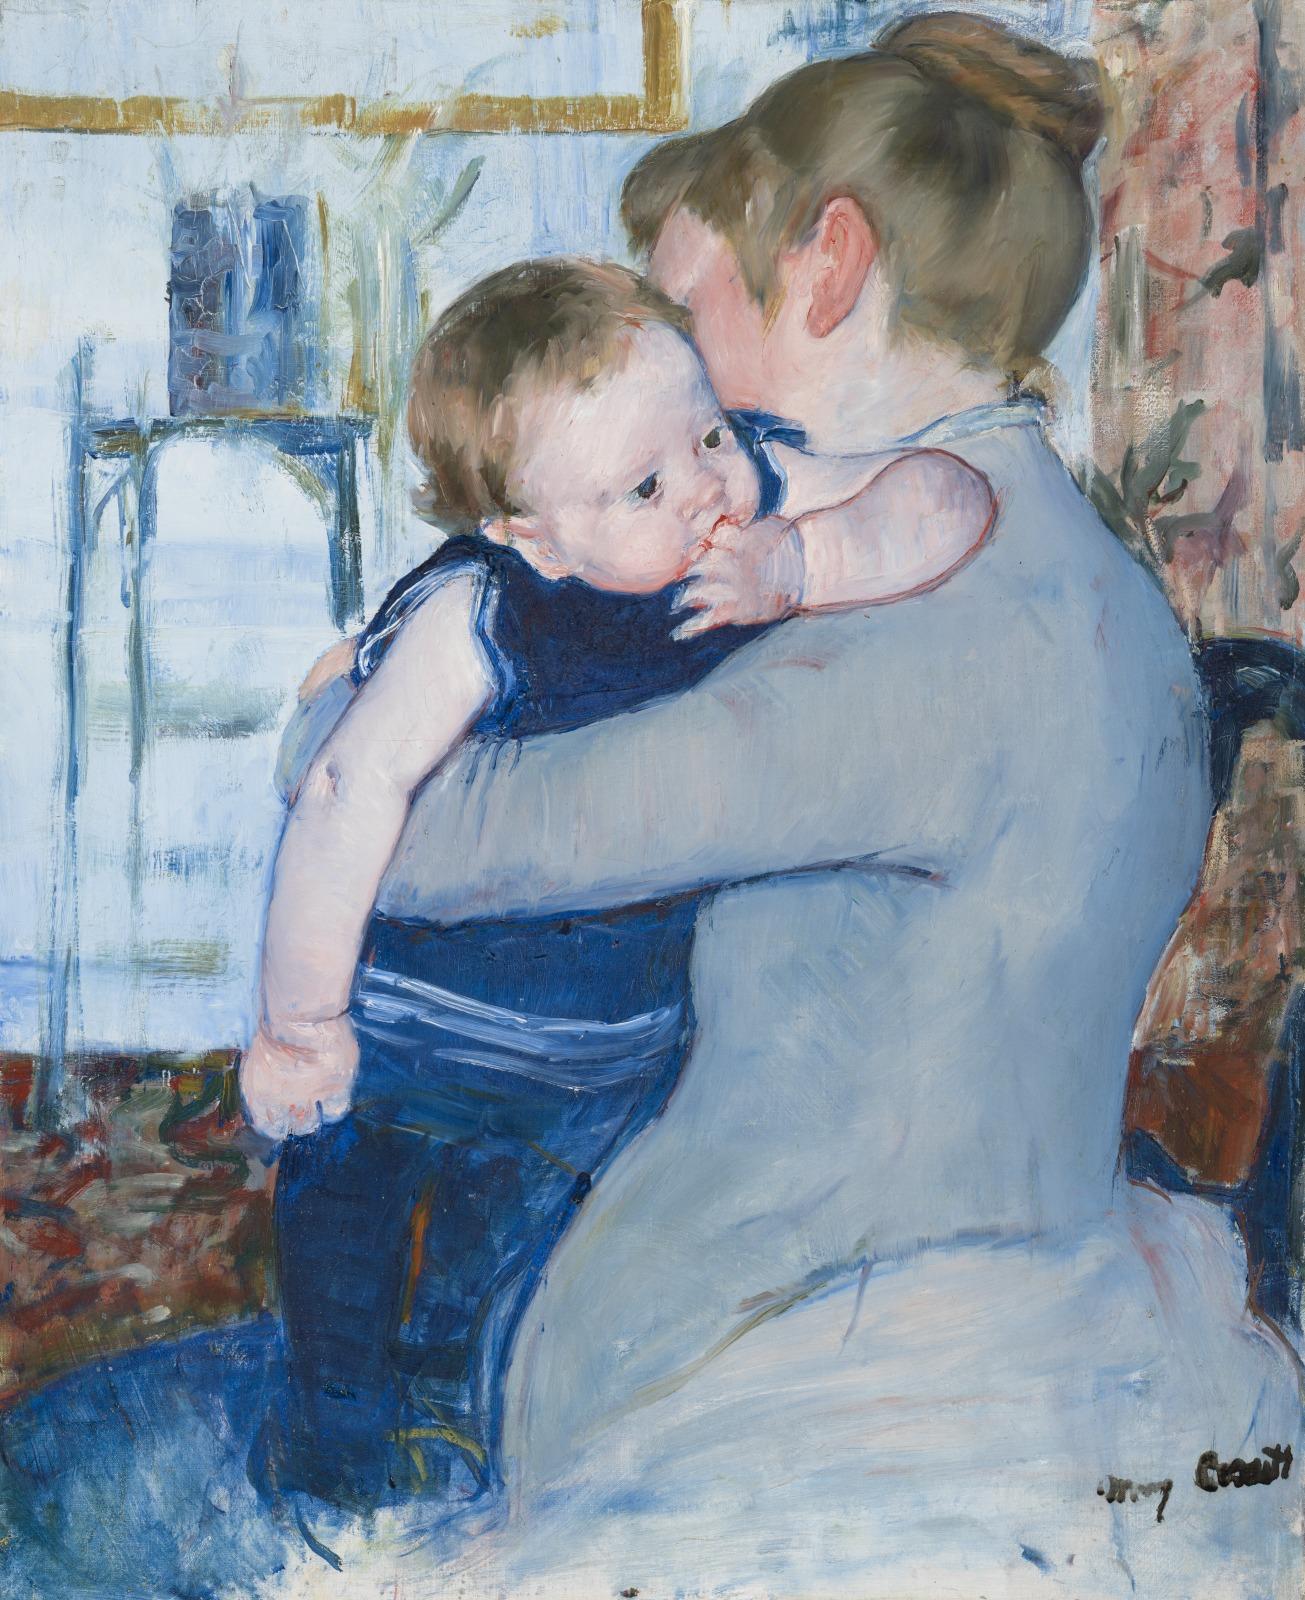 Baby in Dark Blue Suit, Looking Over His Mother's Shoulder